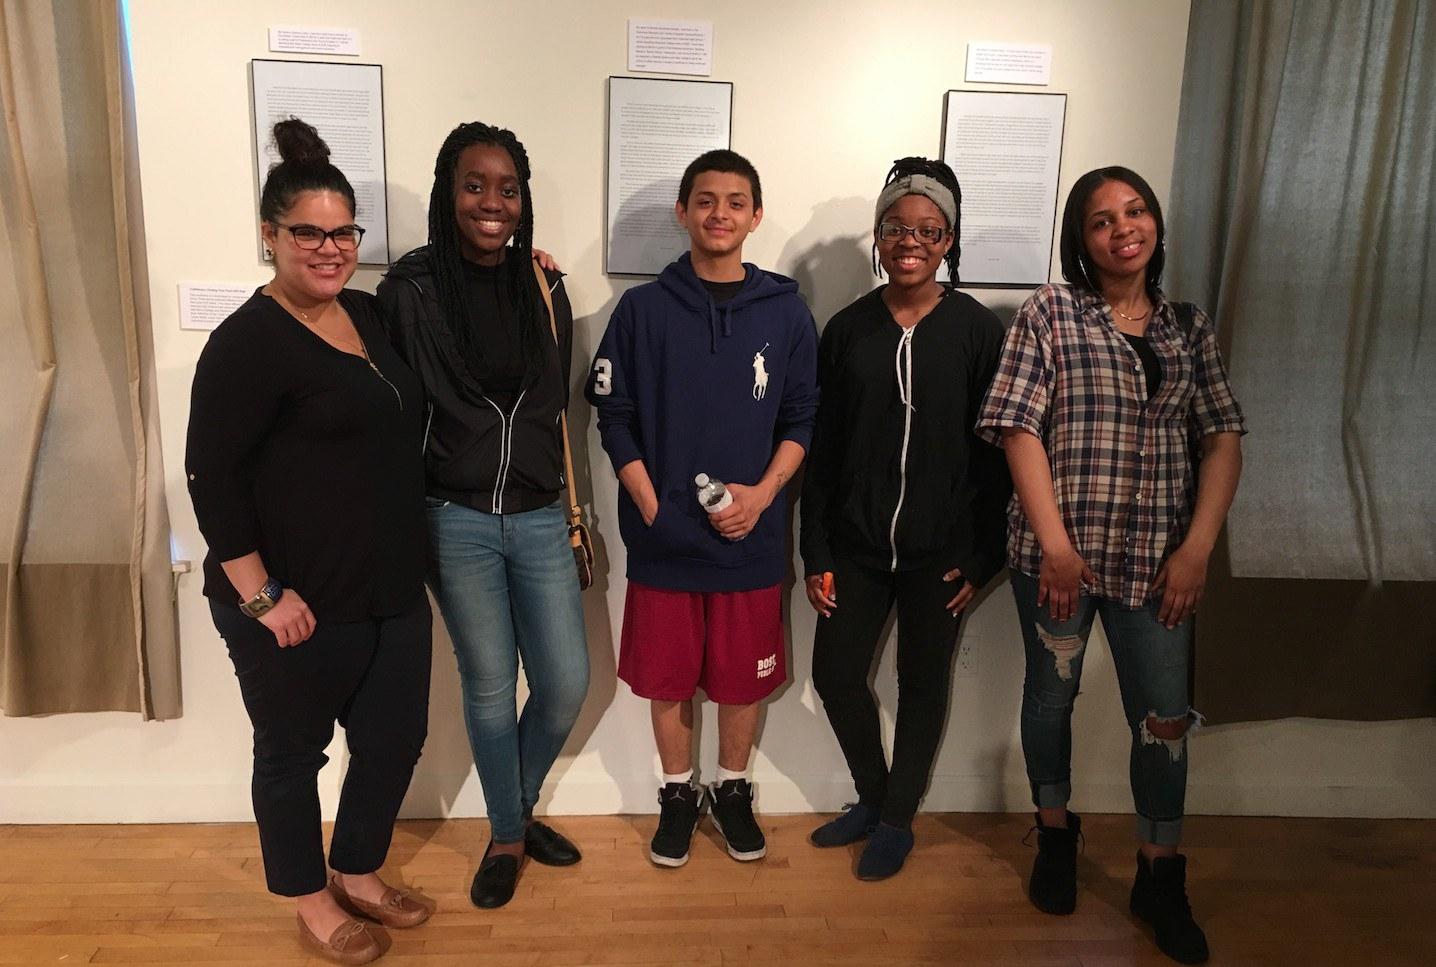 Definiendo el Poder de los Jóvenes con Arte y Educación